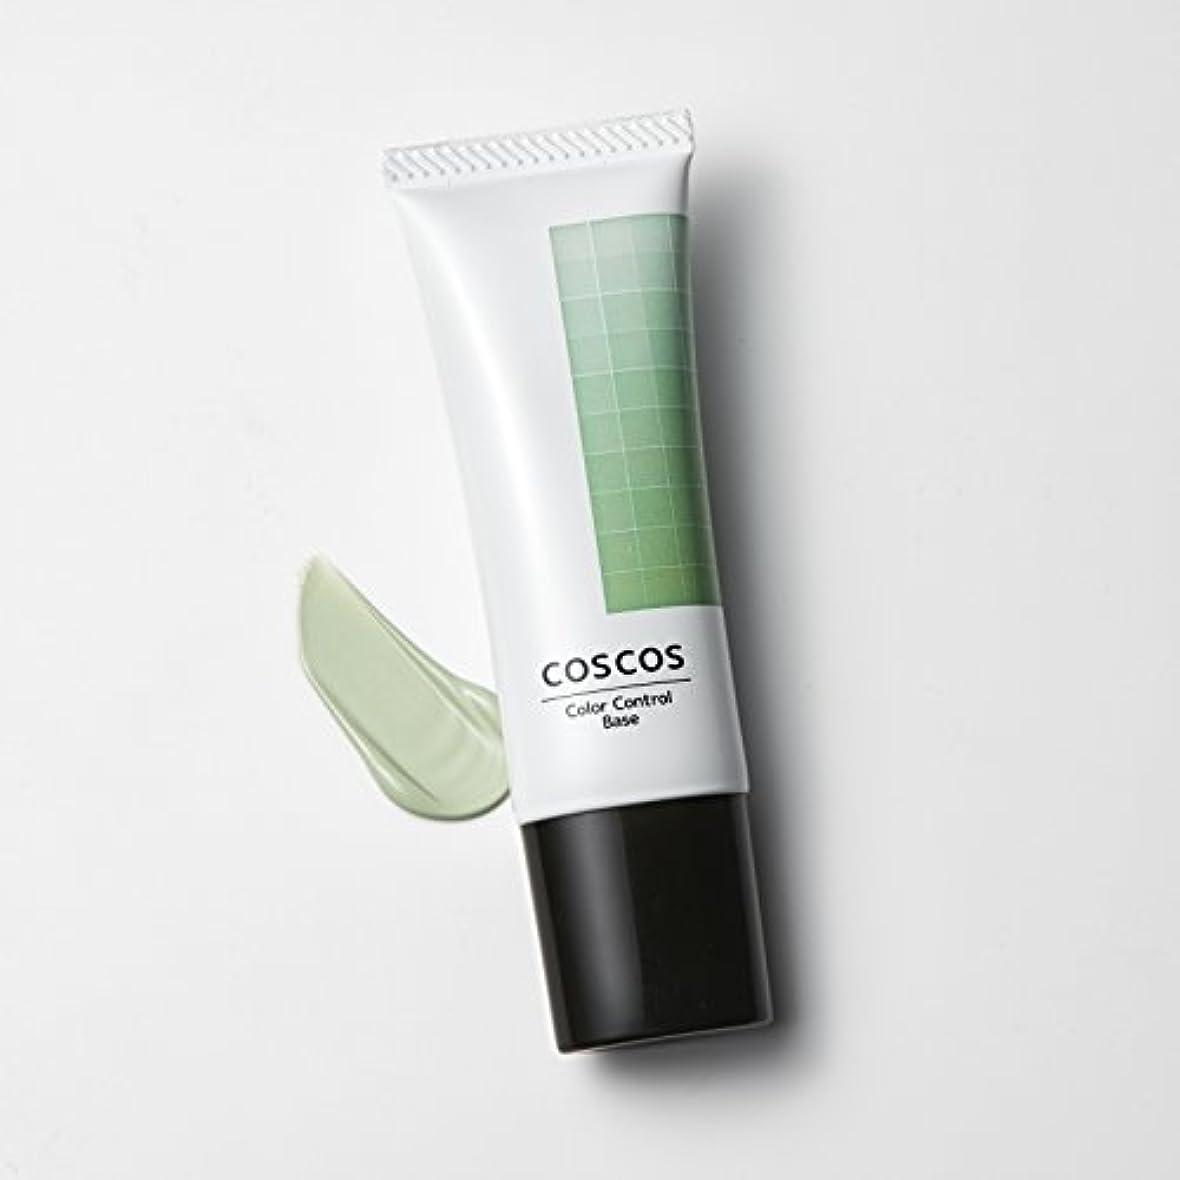 被る不承認飾り羽COSCOS(コスコス) カラーコントロールベース ミントグリーン